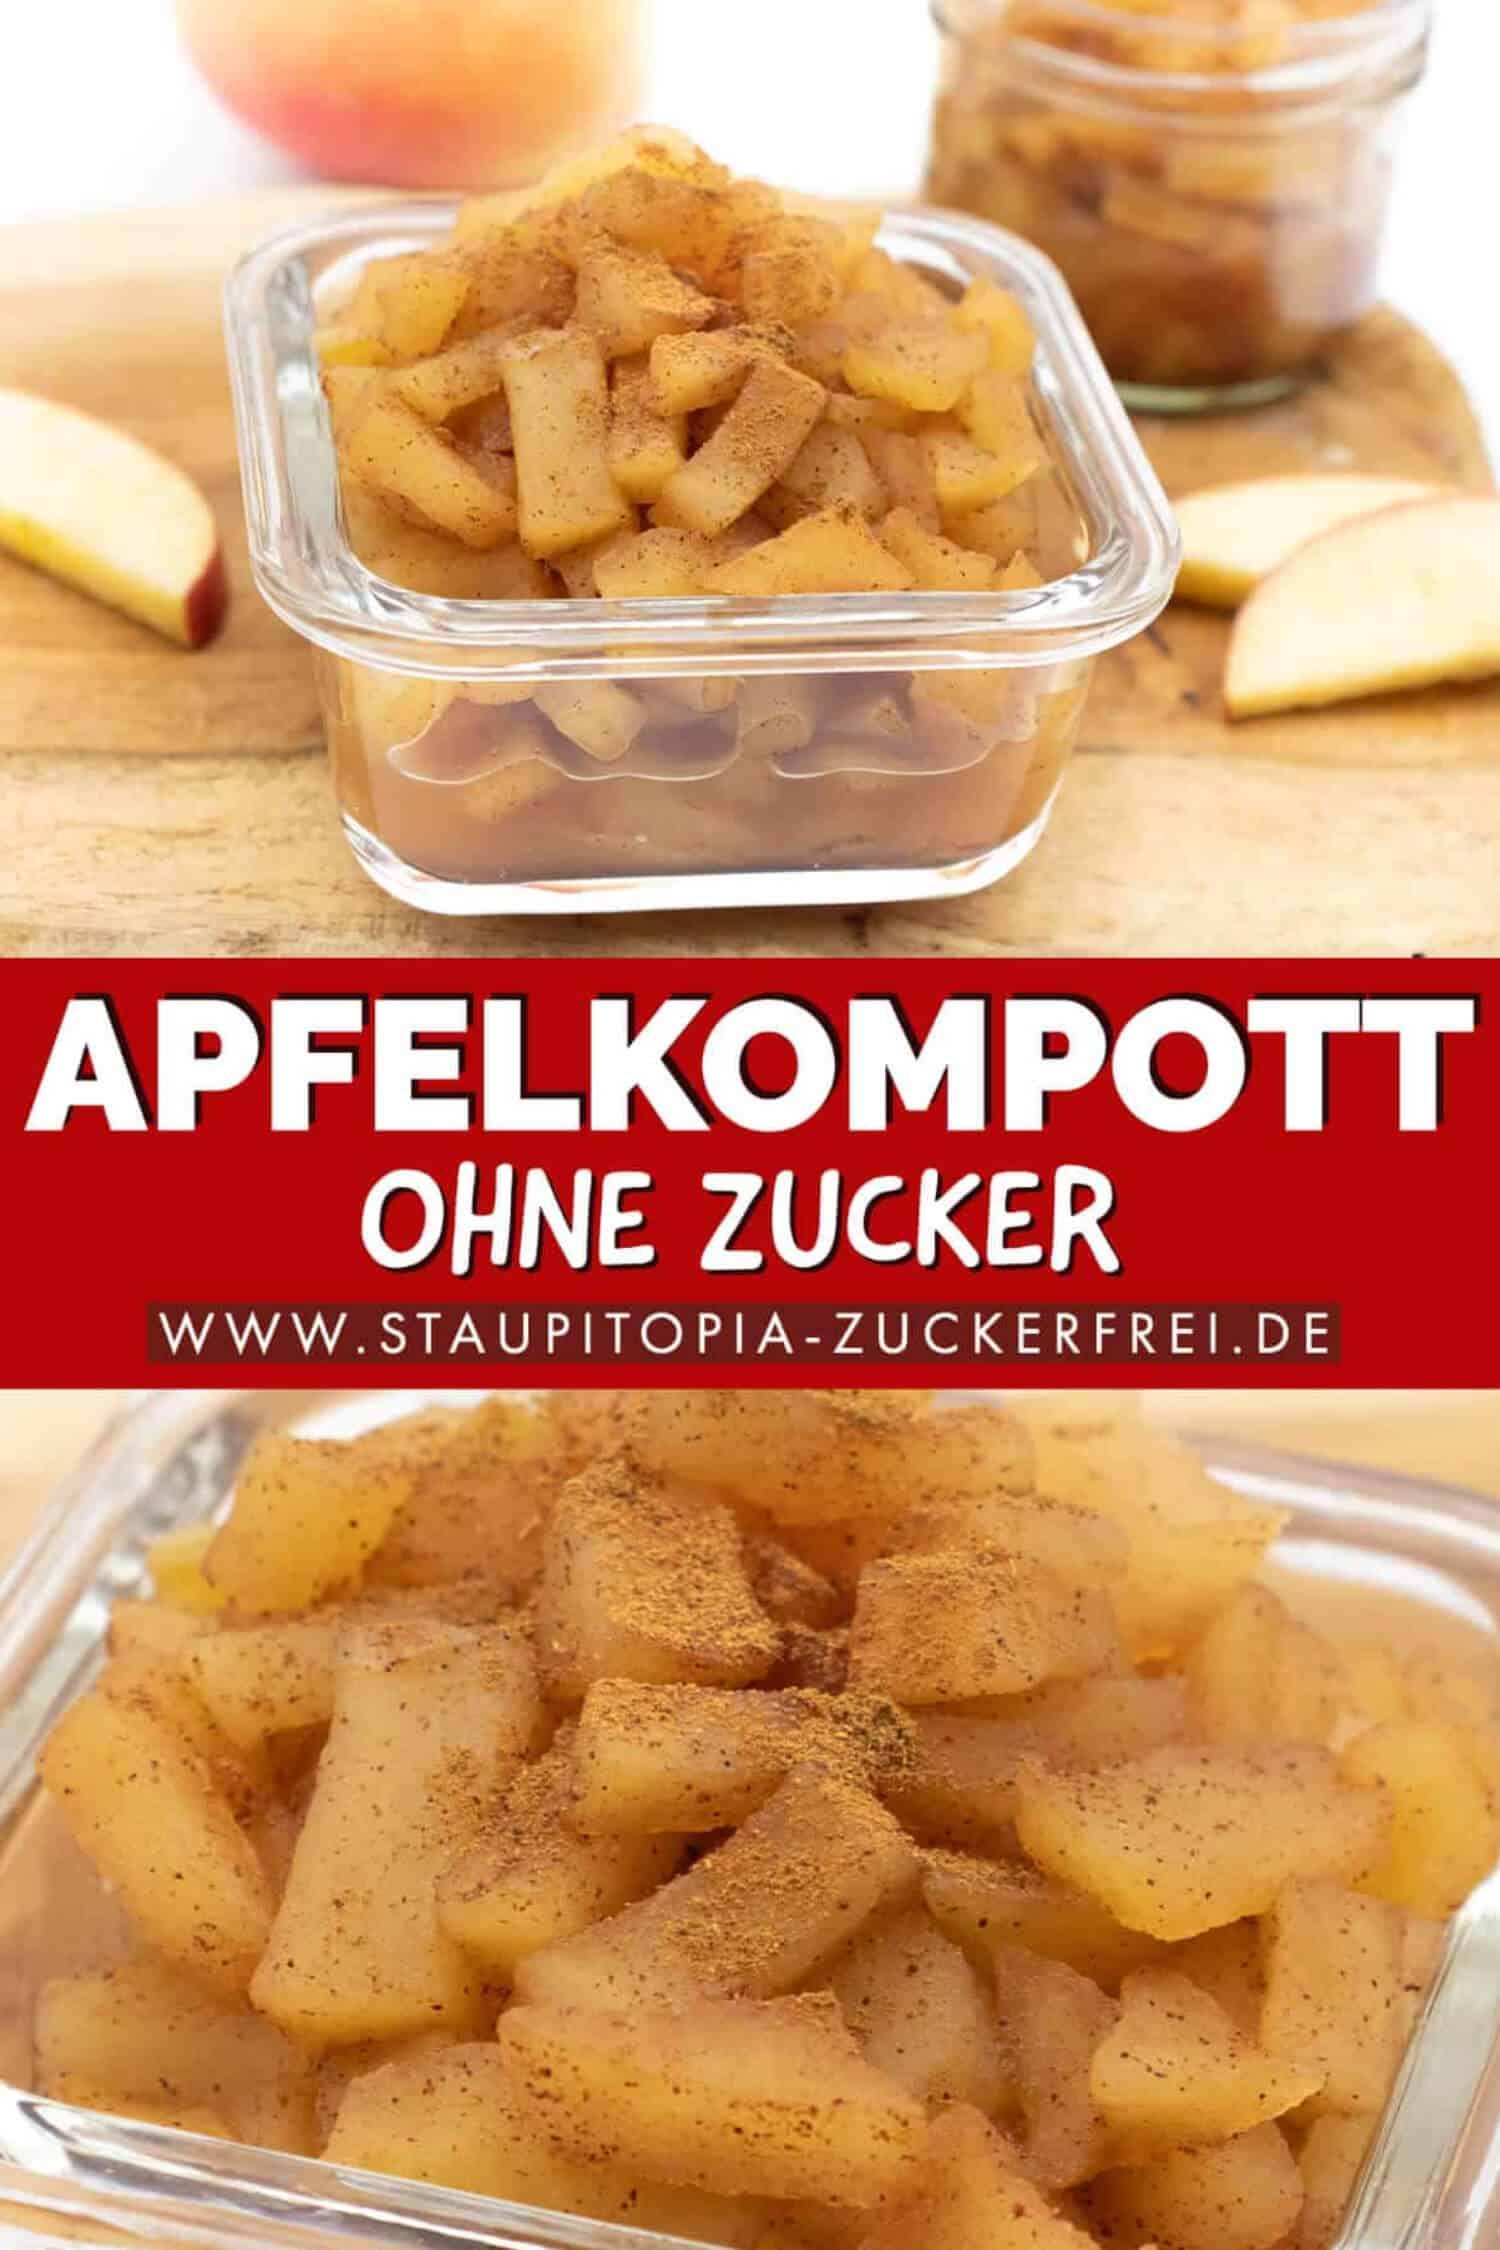 Apfelkompott ohne Zucker selber machen Rezept